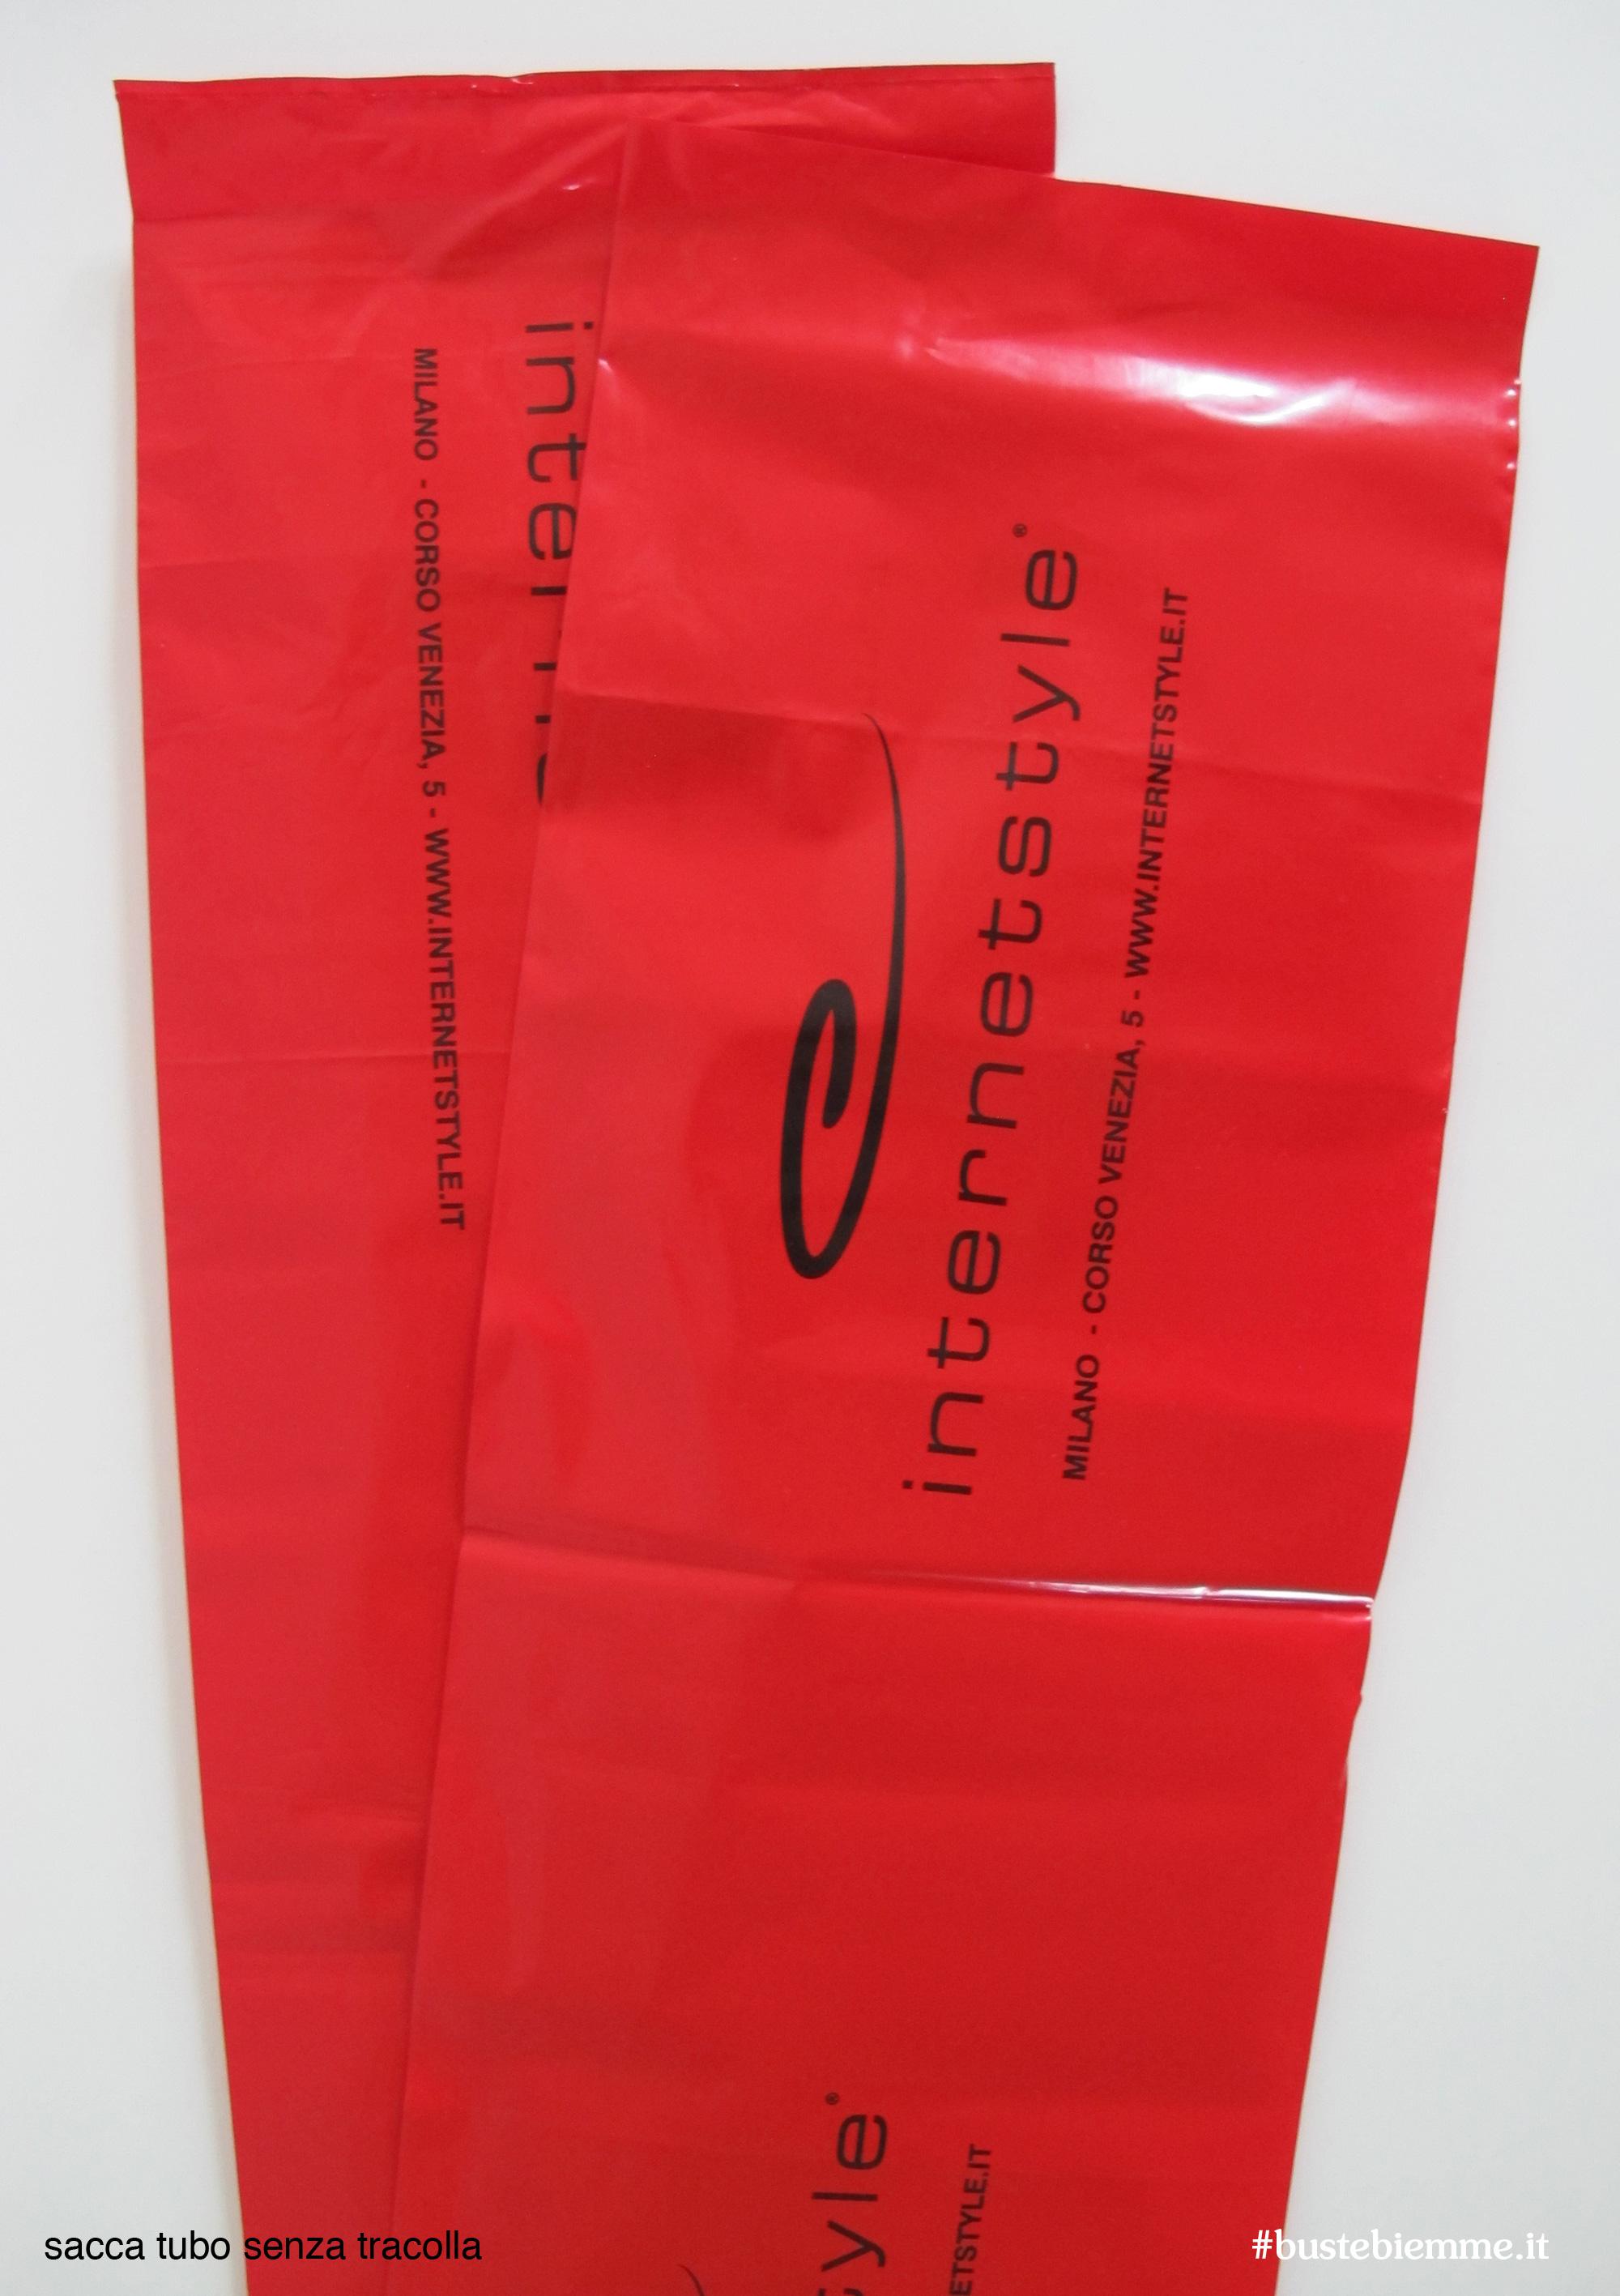 sacchetto in plastica colorato senza maniglia